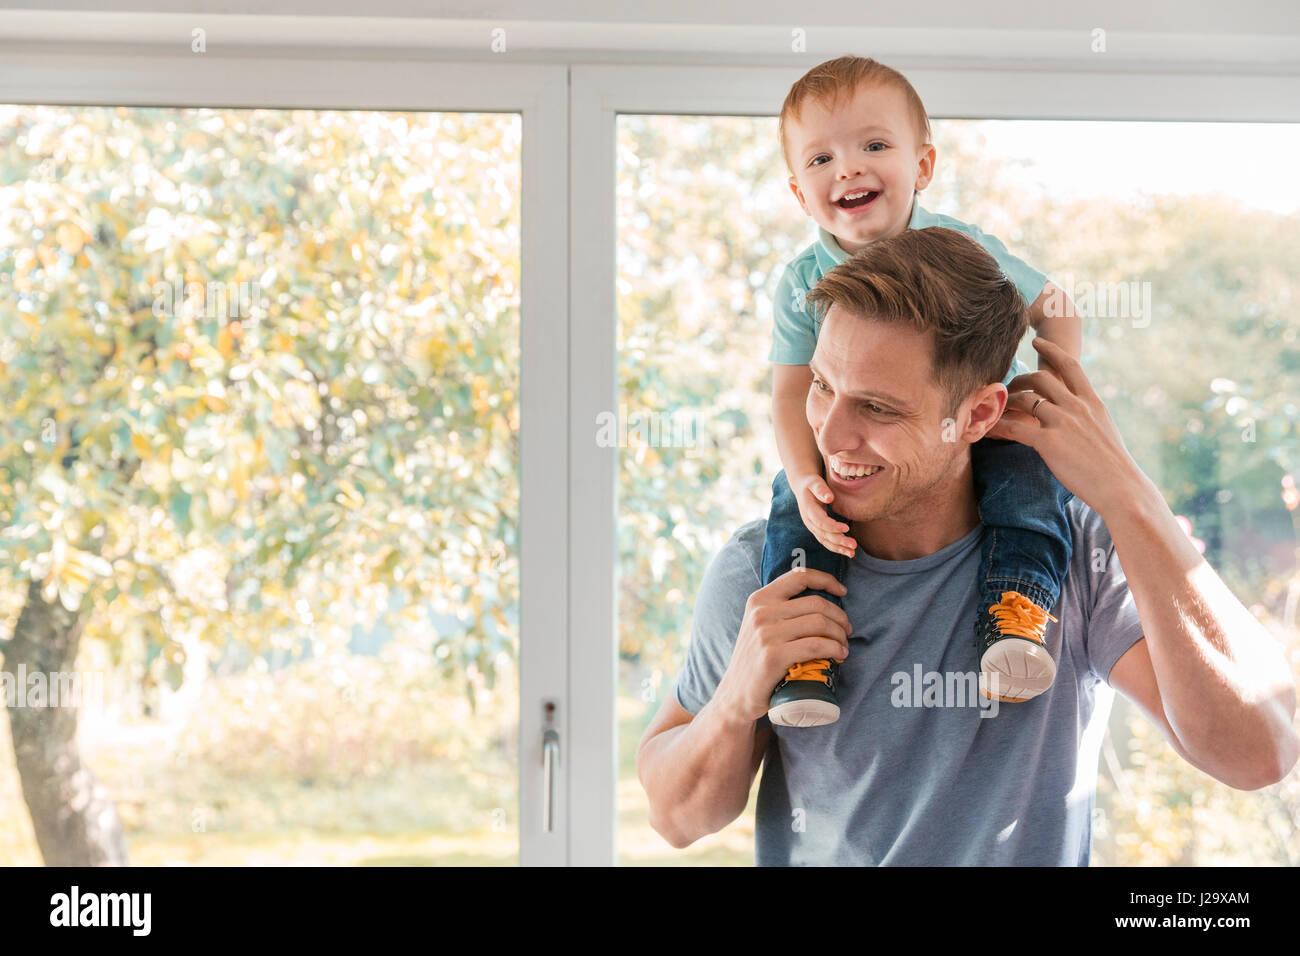 Bébé garçon sur les épaules du père à la maison par fenêtre Photo Stock